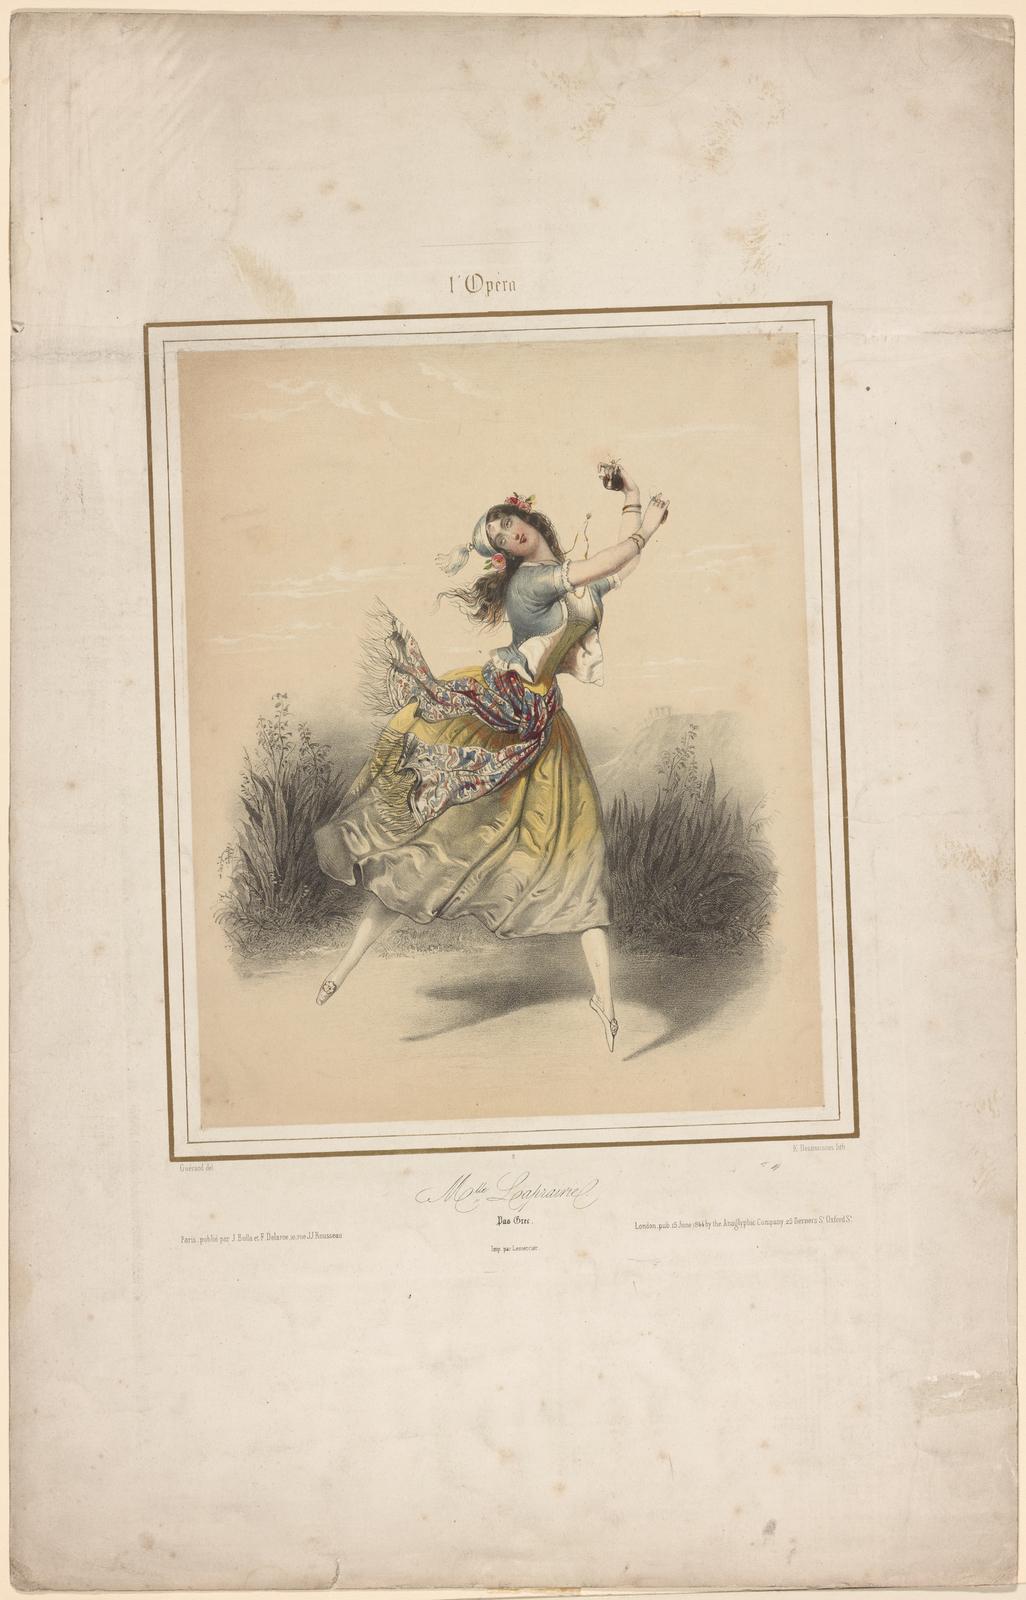 Mlle Laprairie. Pas grec: [Lithograph by E. Desmaisons after Guérard] Imp. par Lemercier